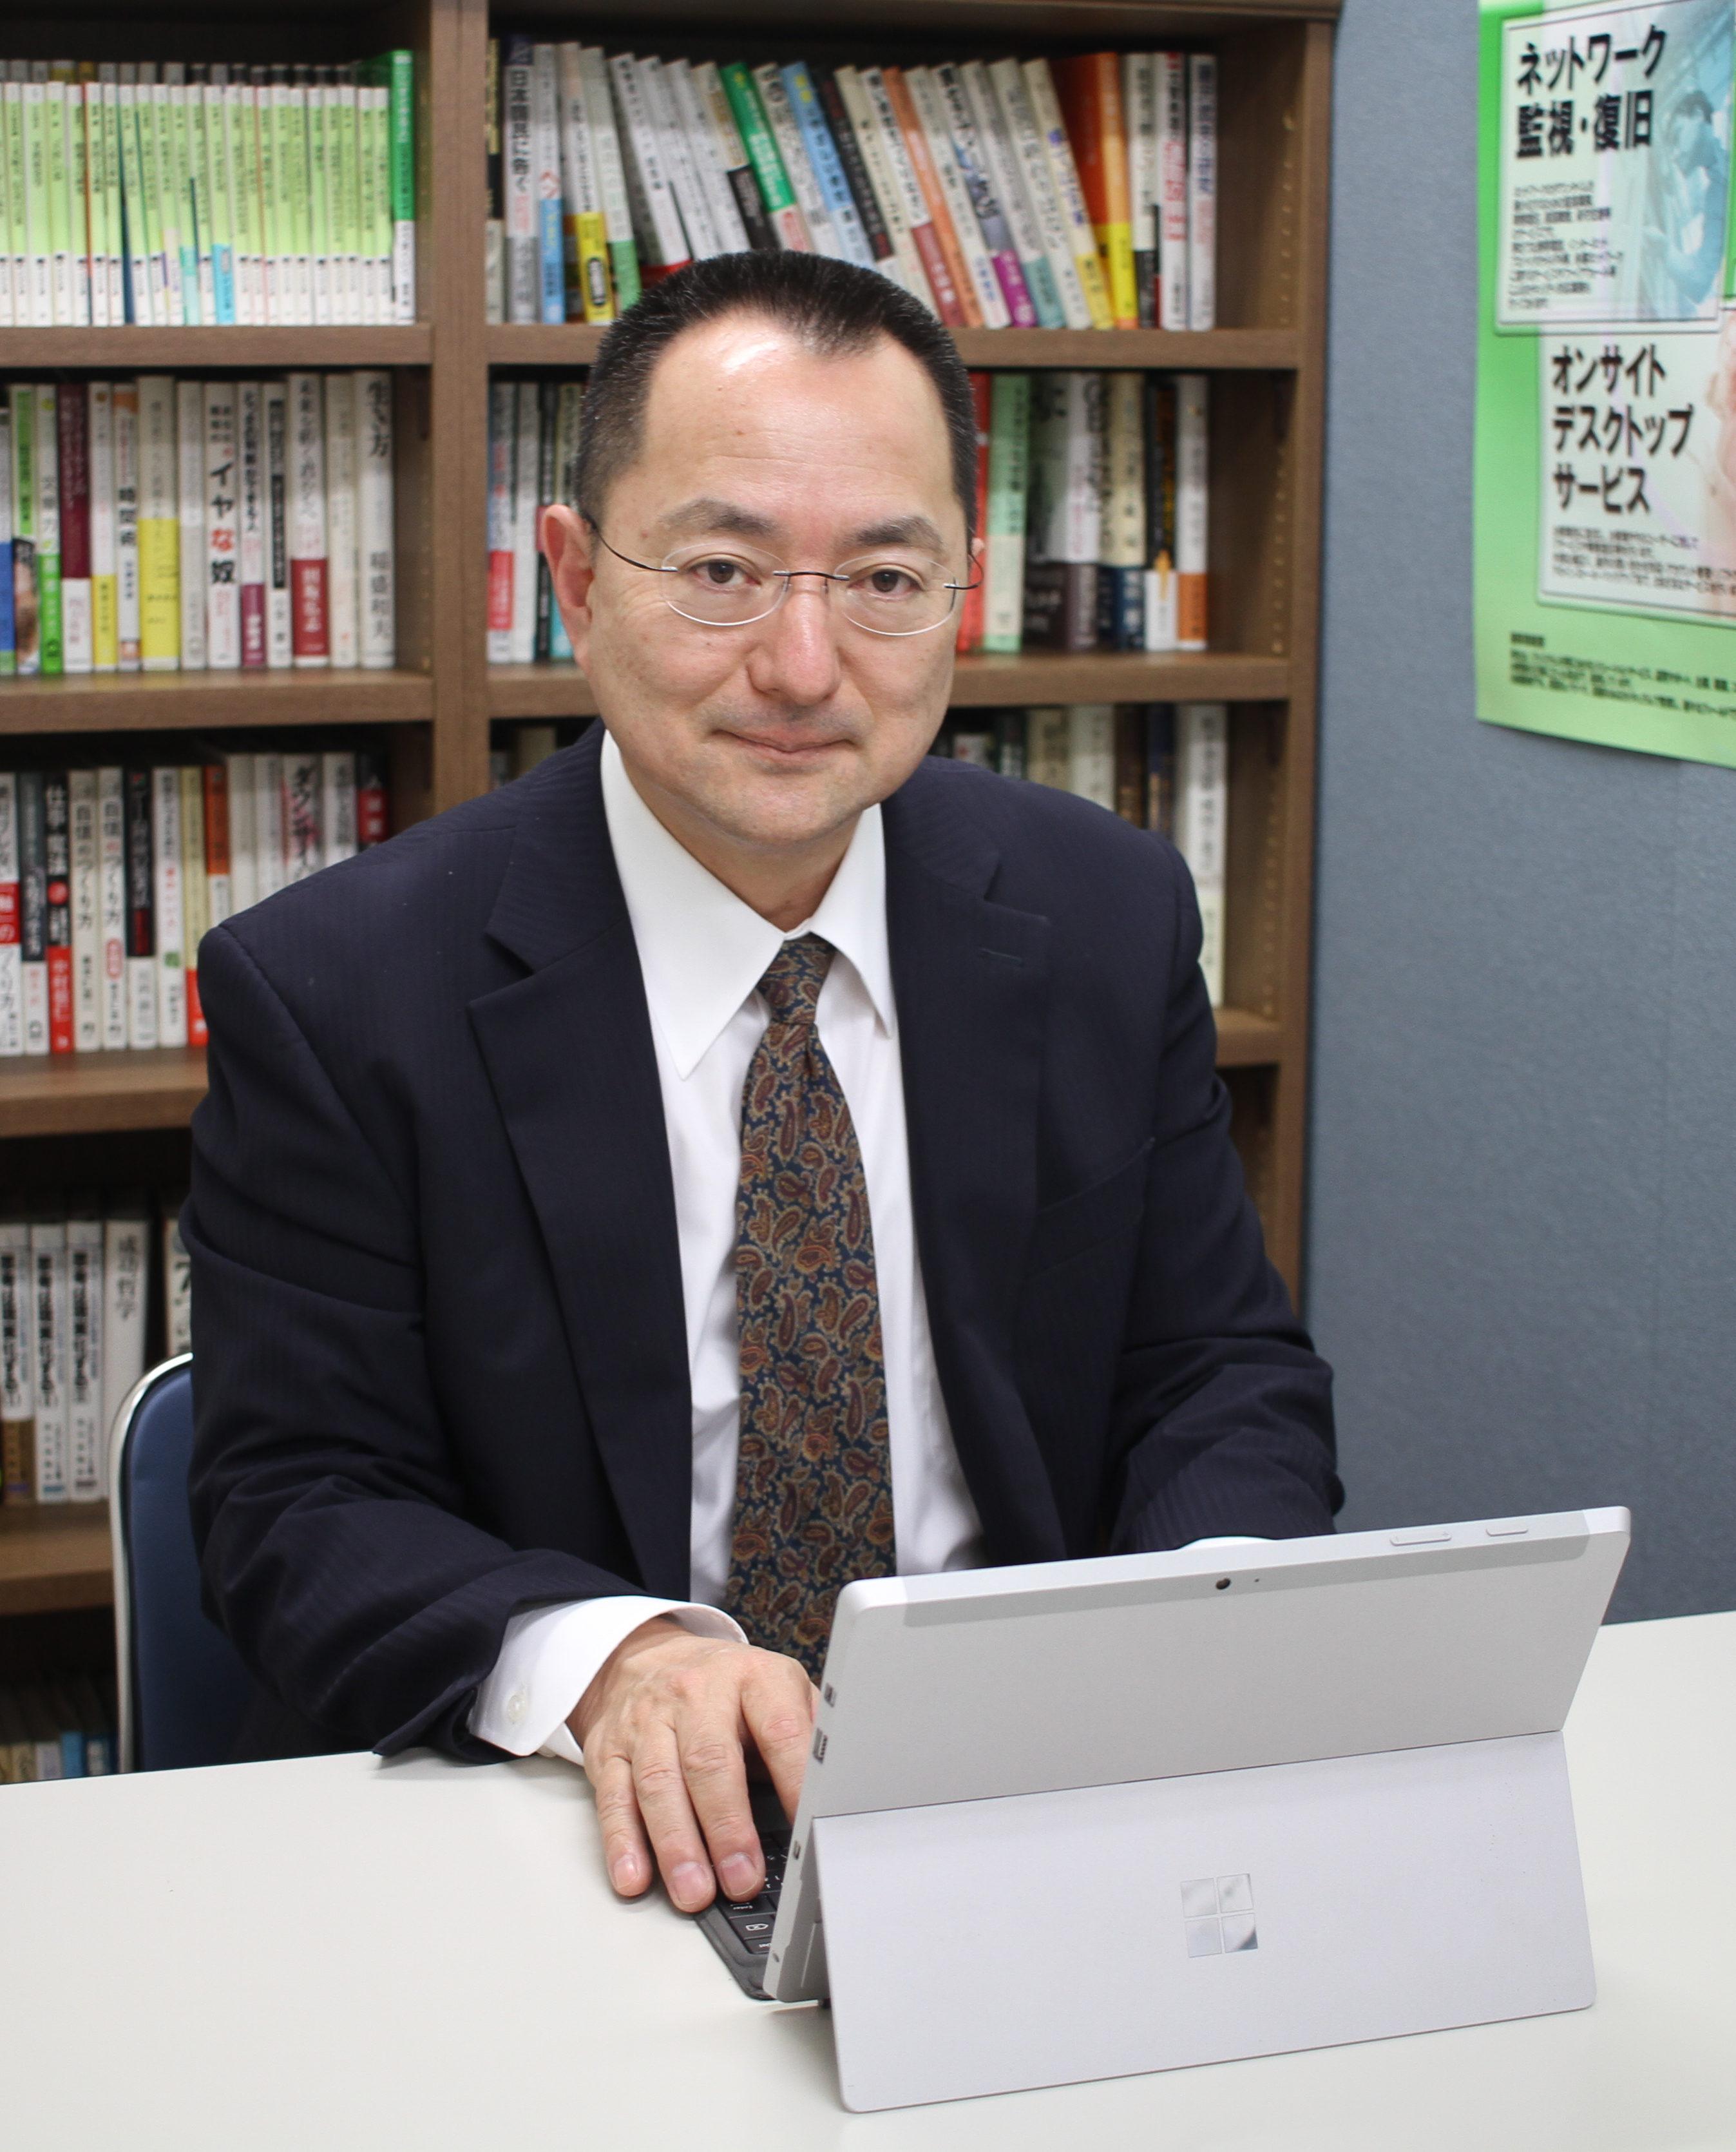 ビズテクニカルサポート株式会社 代表取締役 徳永哲也